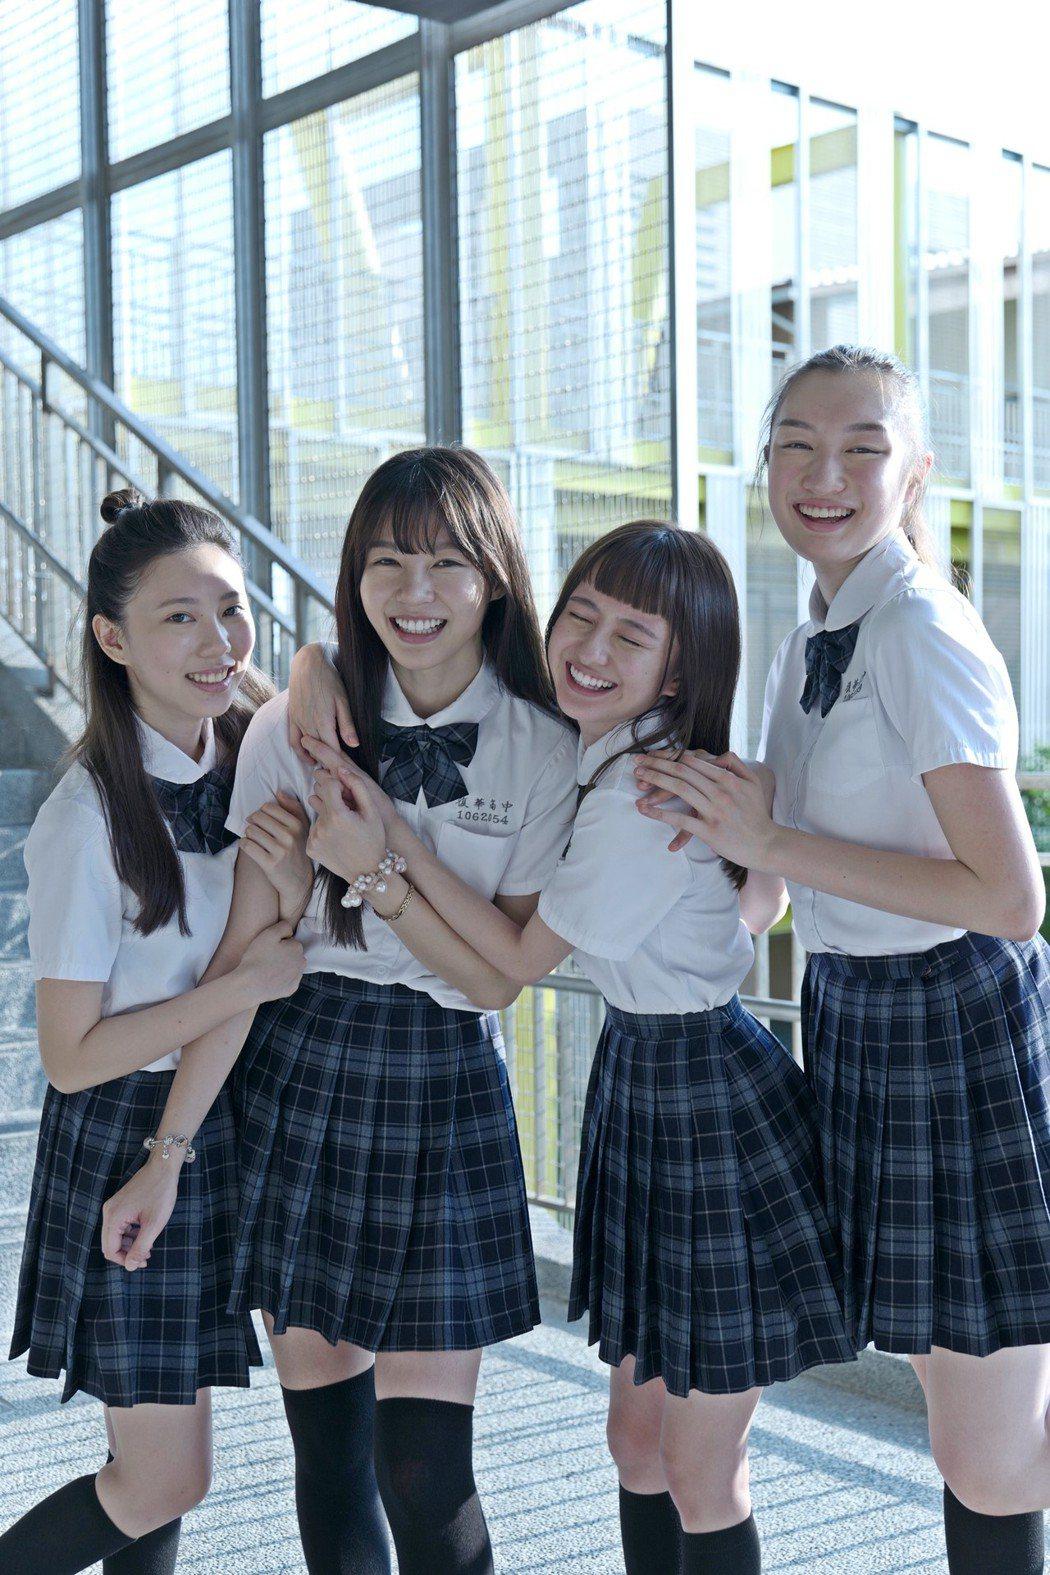 左起鄧雨晨、陳怡叡、葛盈瑄、溫心舞。圖/双喜提供